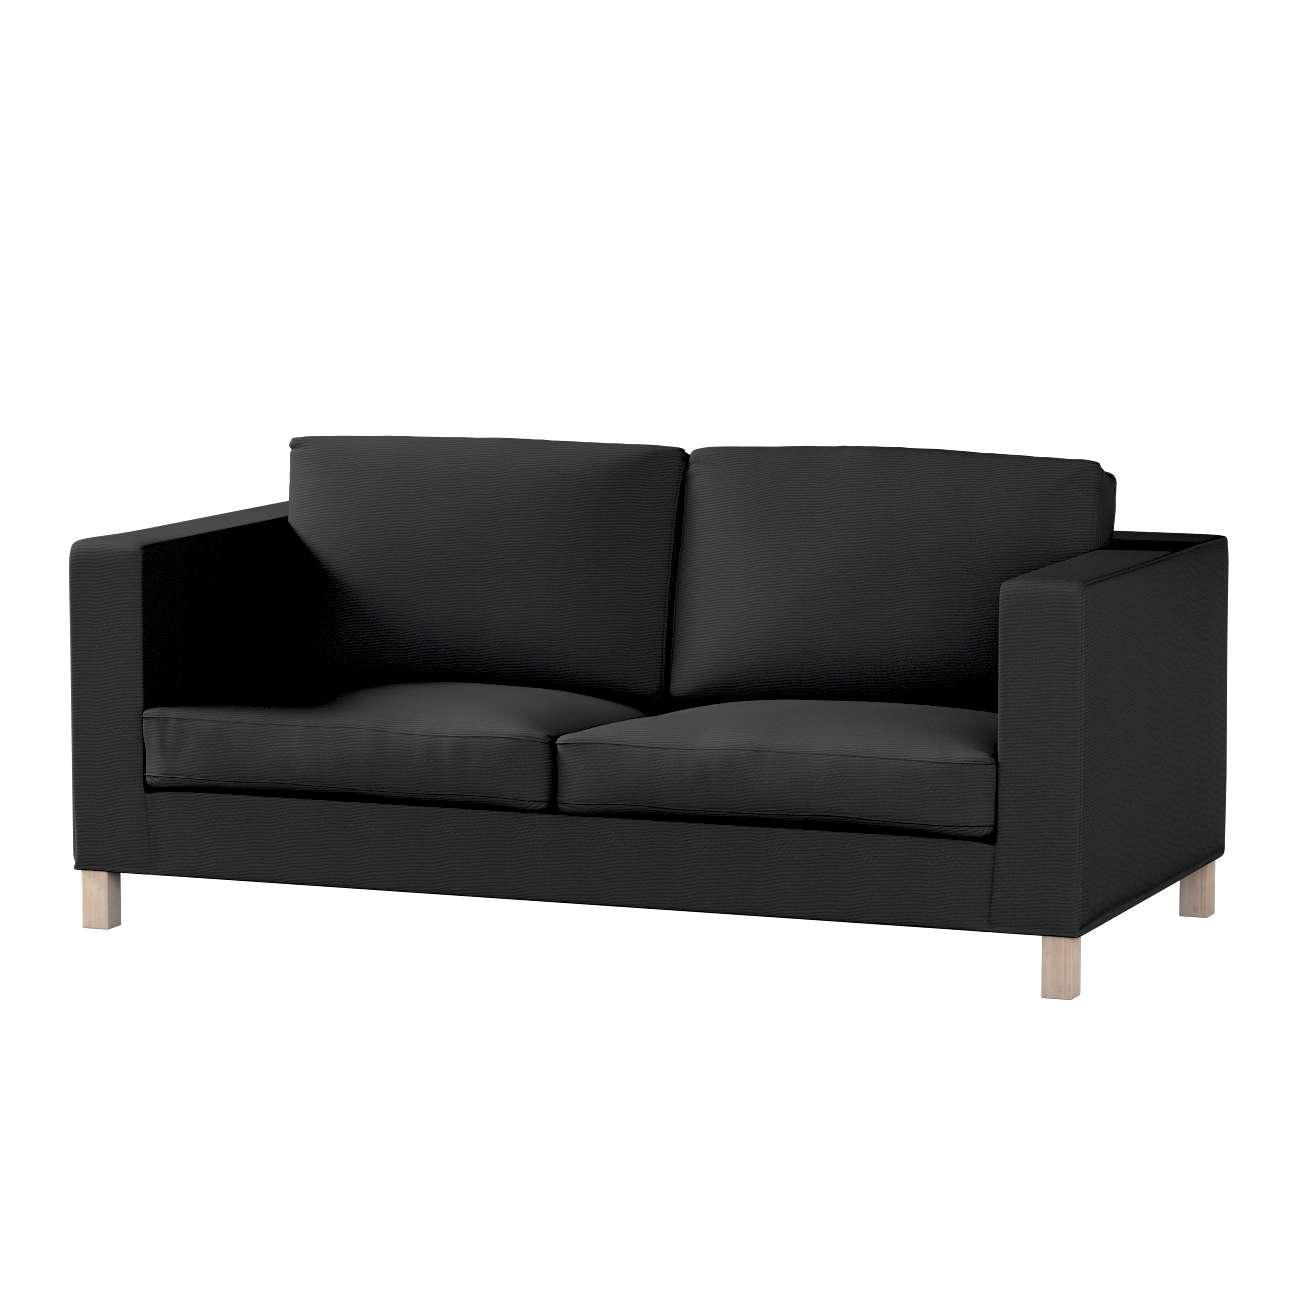 Pokrowiec na sofę Karlanda rozkładaną, krótki Sofa Karlanda rozkładana w kolekcji Etna , tkanina: 705-00